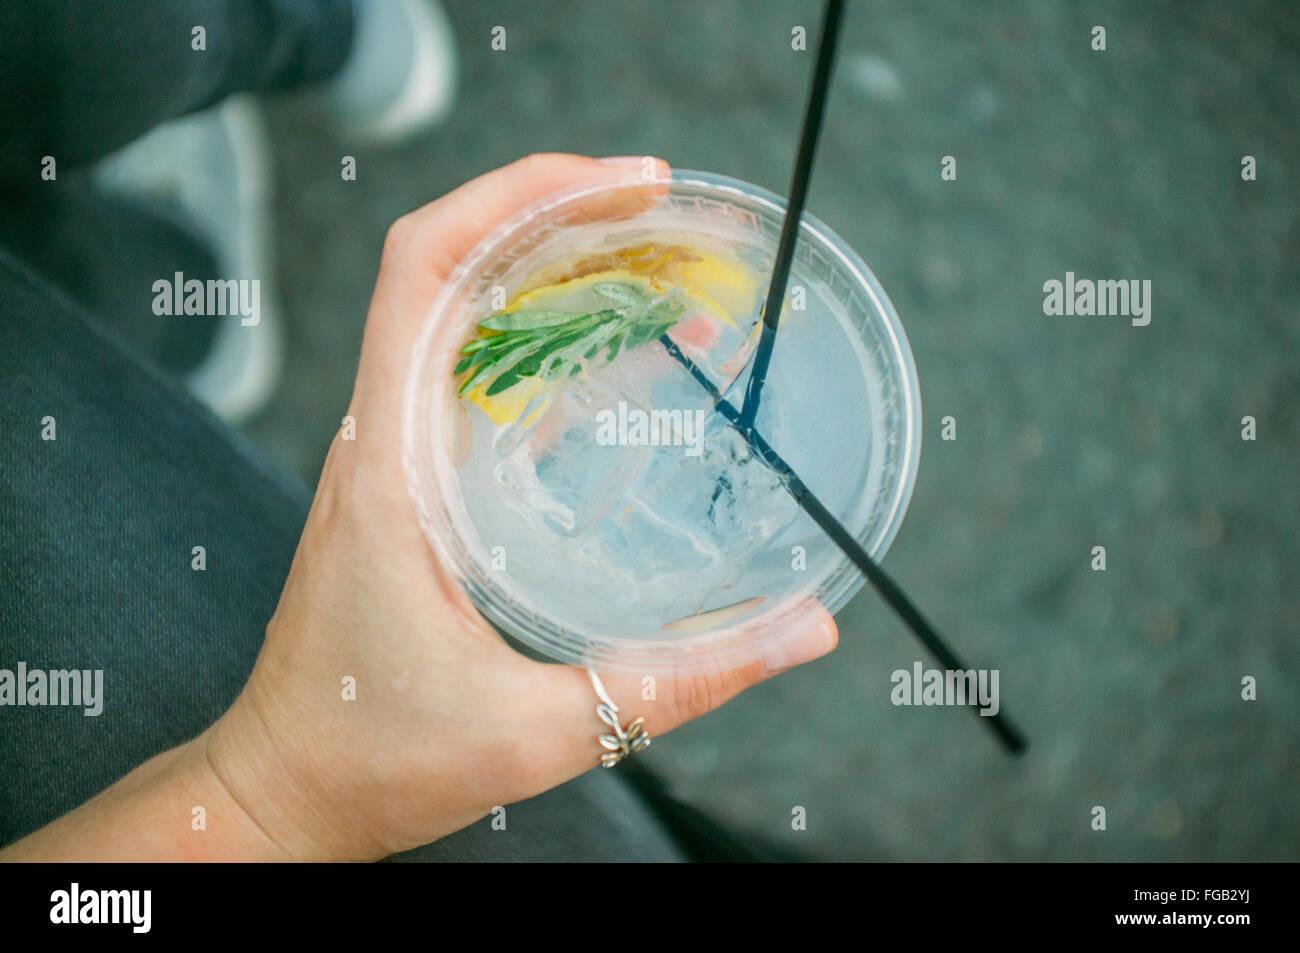 Immagine ritagliata della donna tenendo il Gin Tonic Cocktail Immagini Stock